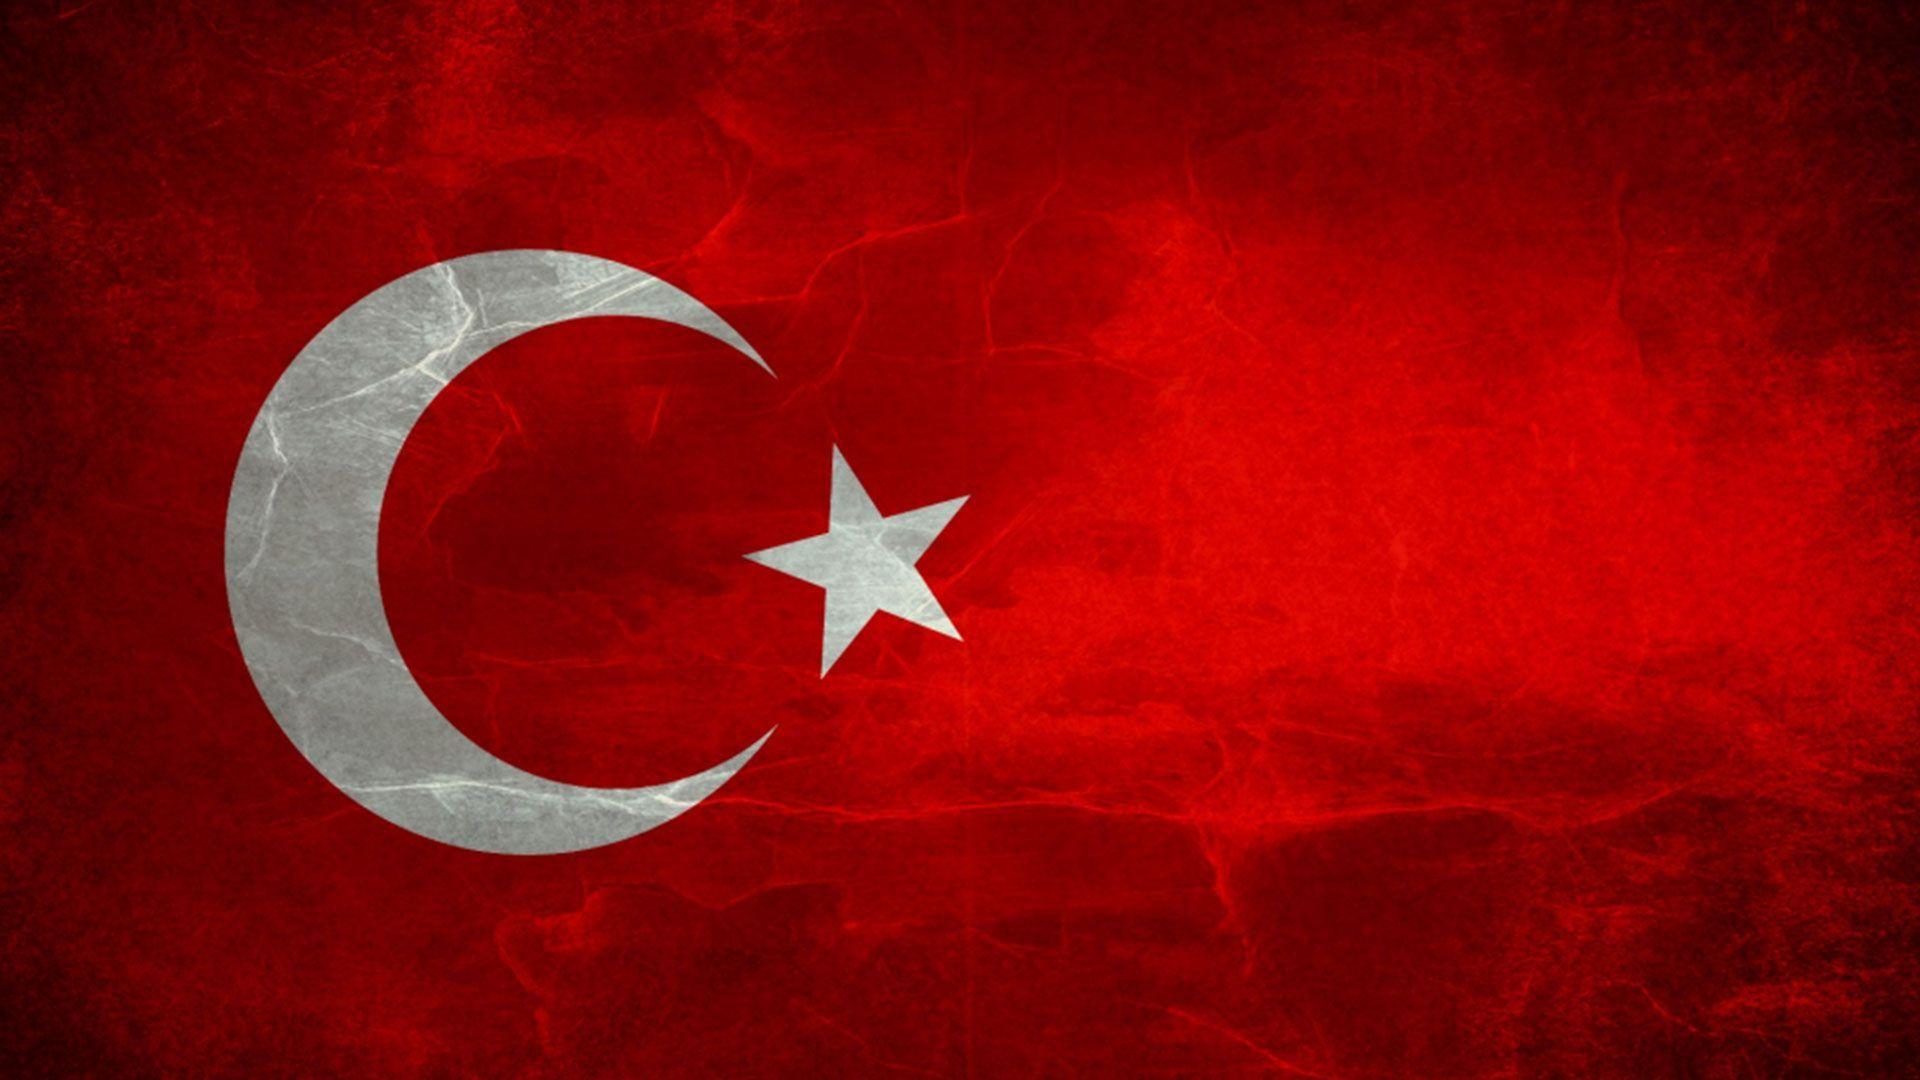 Hd Türk Bayrağı Arkaplan Resimleri Stuff To Buy